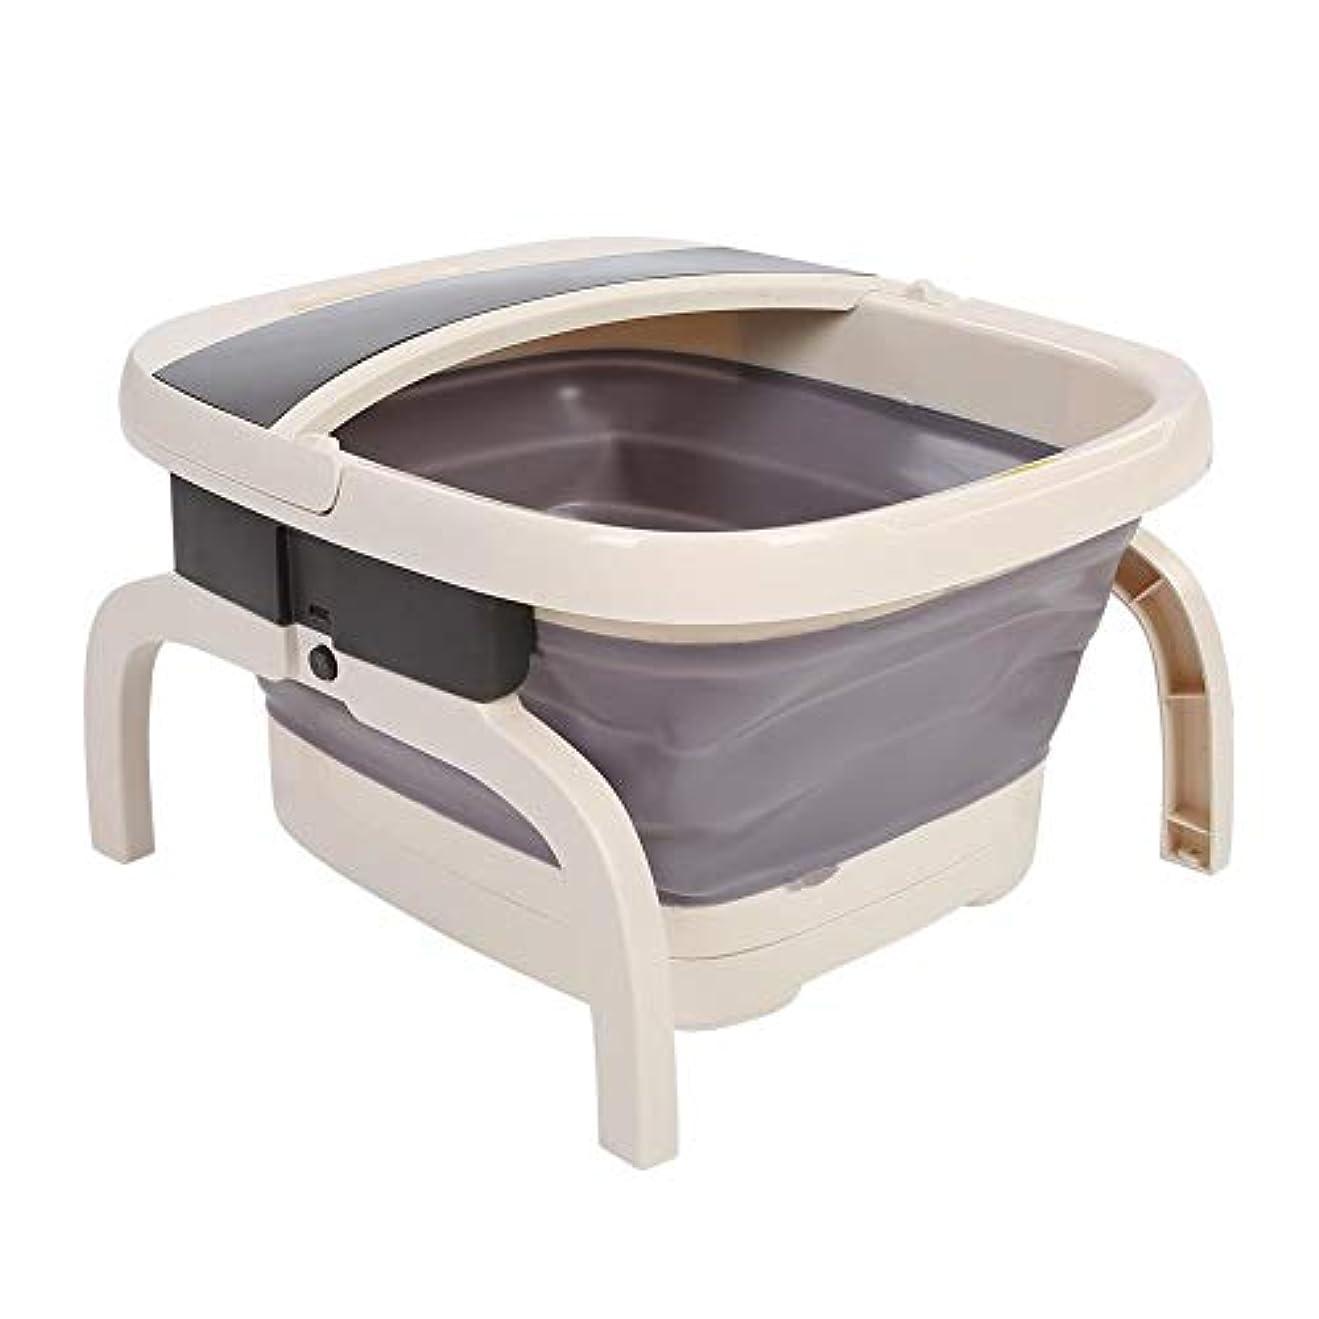 中庭バラ色友だちフットスパ折りたたみ式フットスパバスマッサージ暖房付き泡自動ペディキュアポータブル浴槽